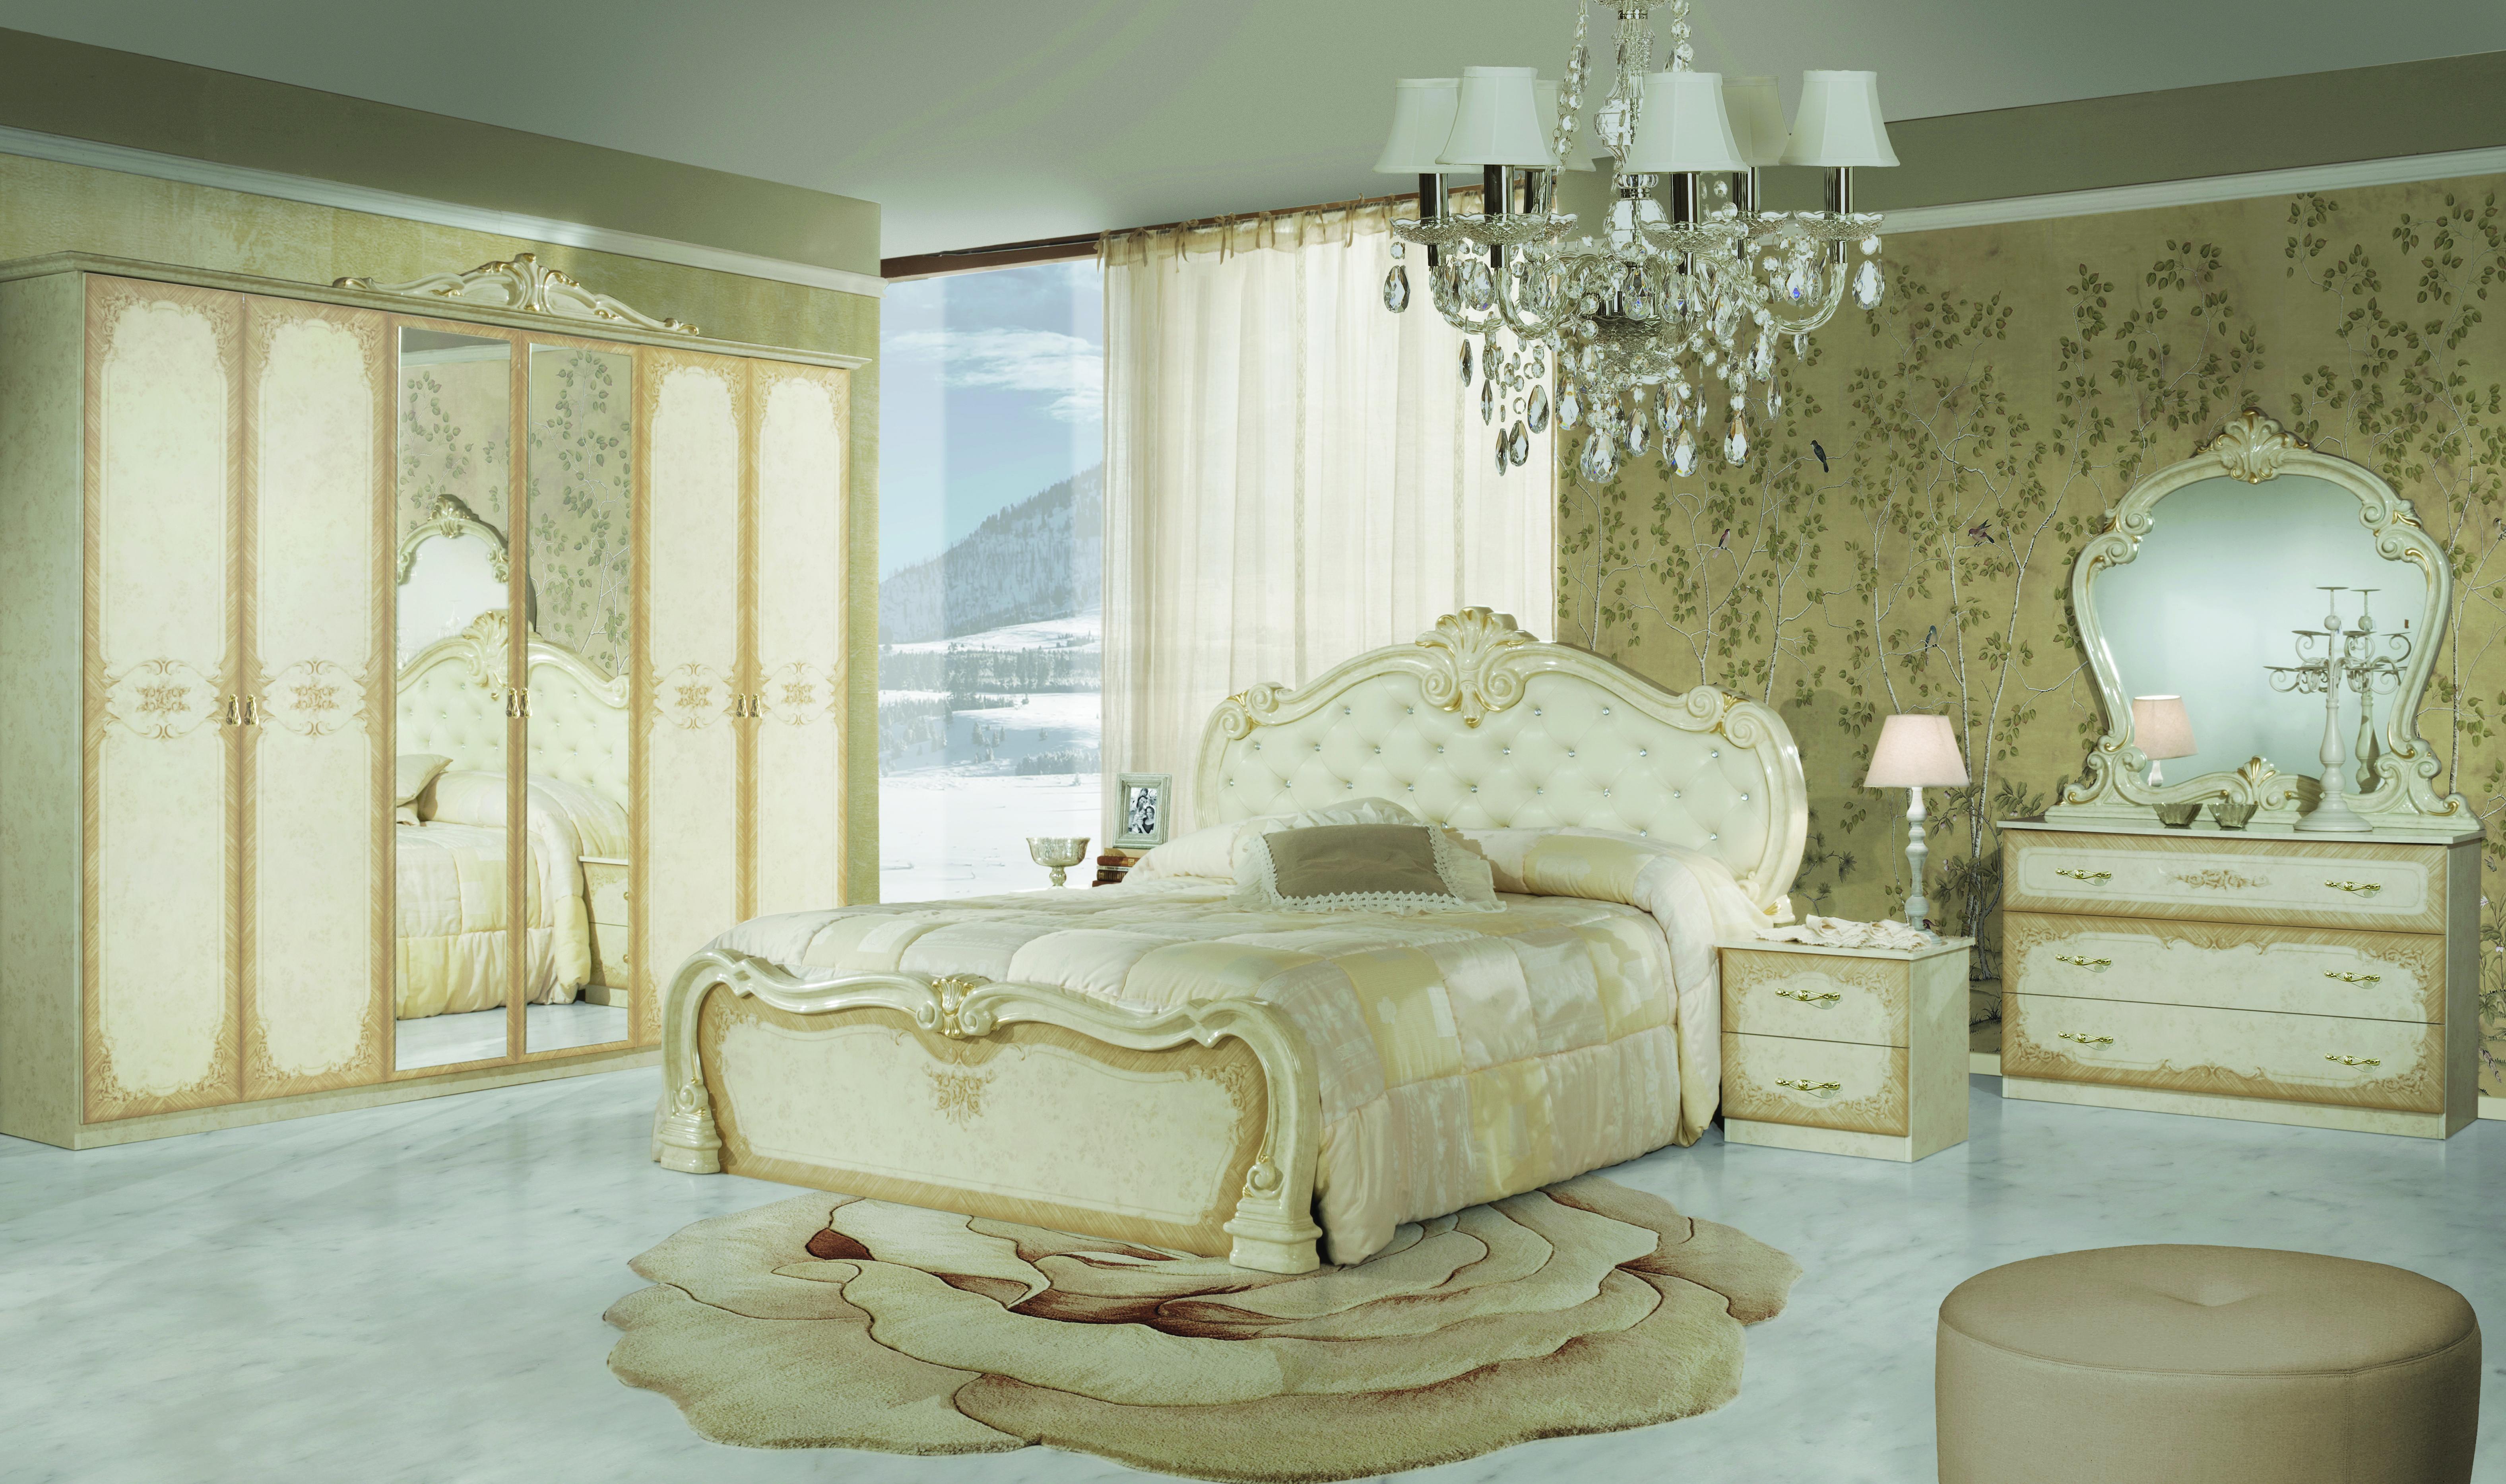 Schlafzimmer Serie Creme Tuja mit 4-türigem Schrank